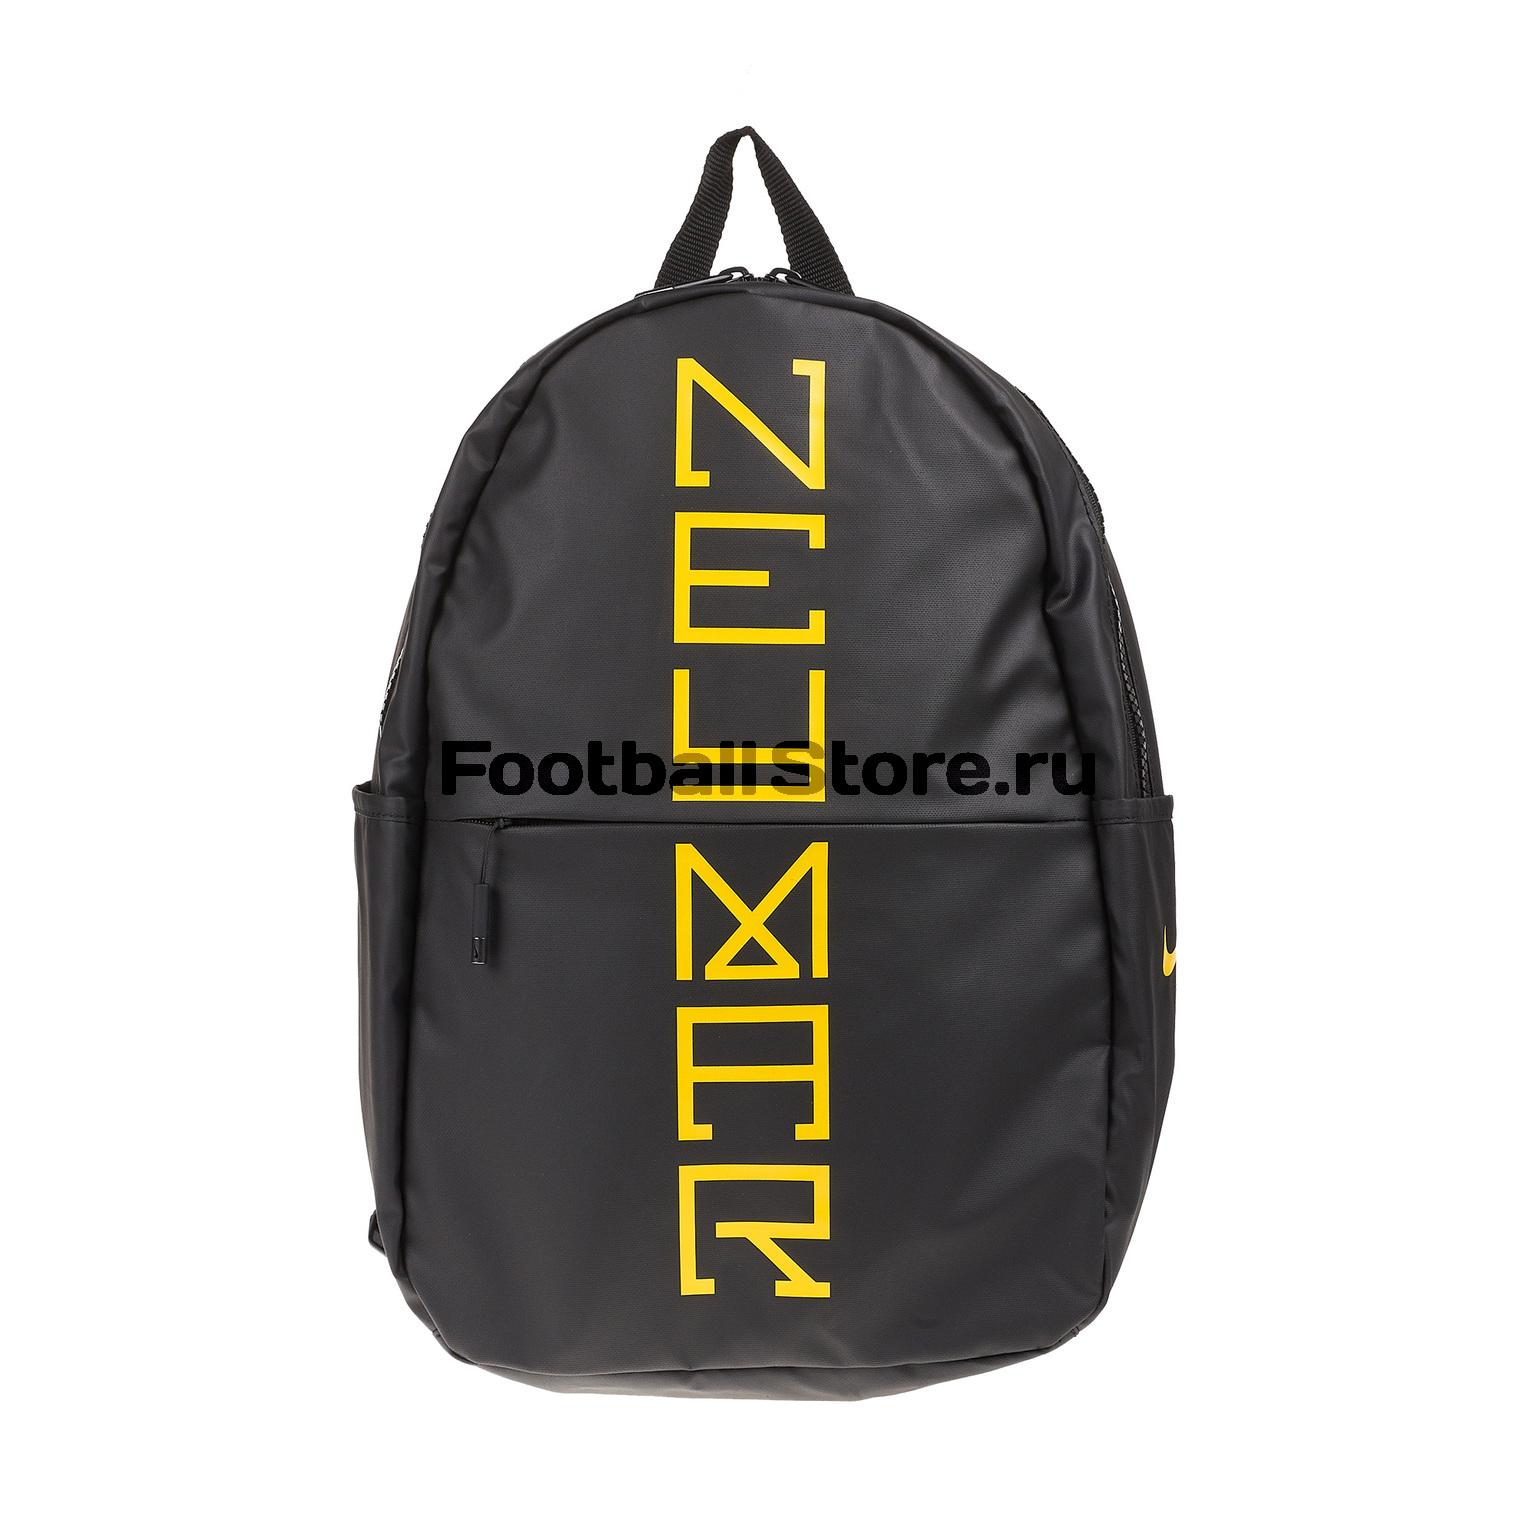 ab007a5467 Рюкзак детский Nike Neymar BA5537-010 – купить в интернет магазине ...